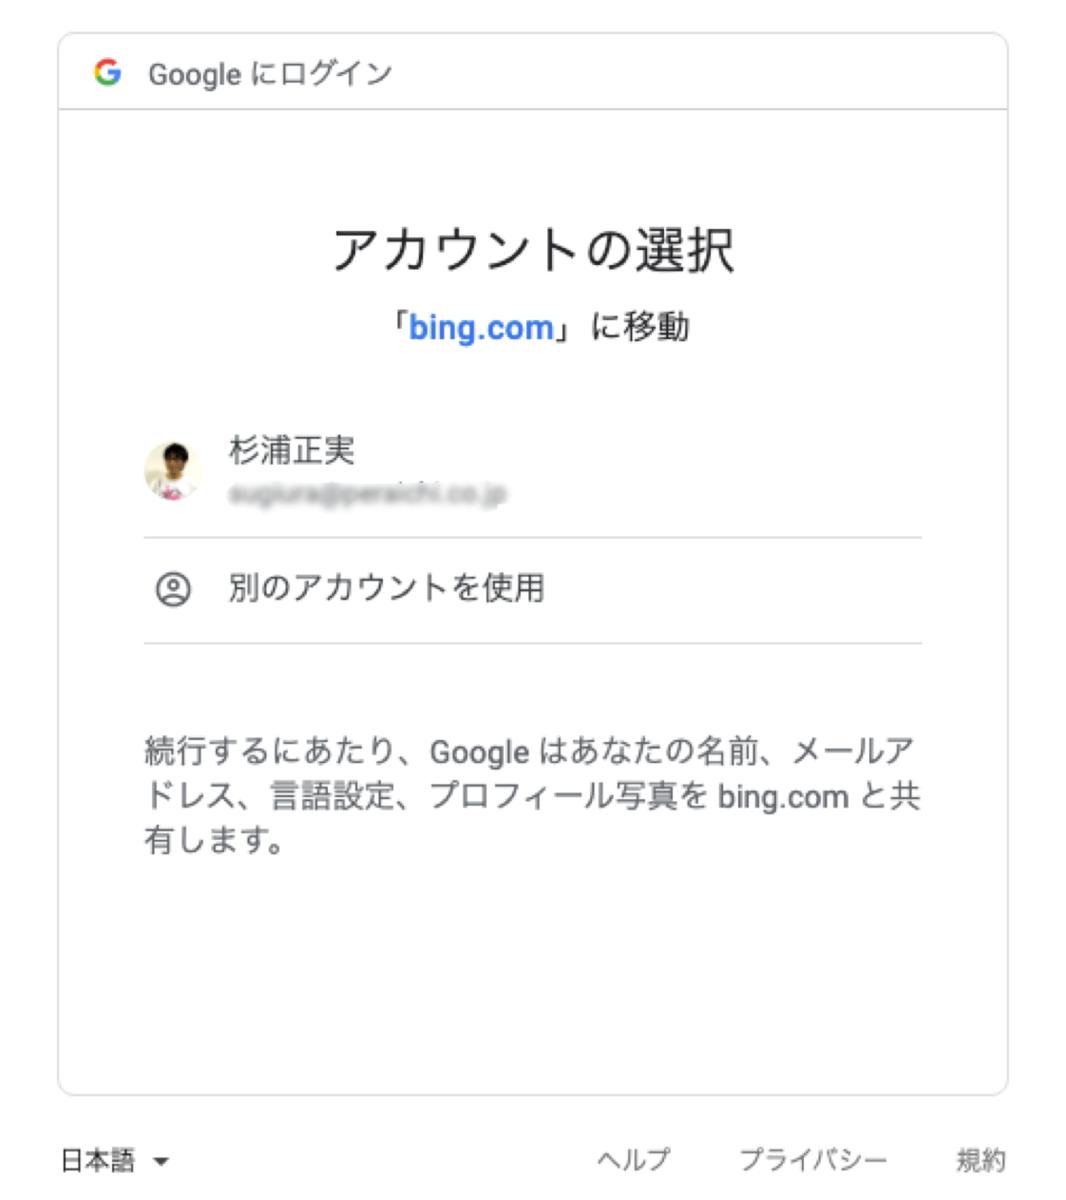 該当のGoogleアカウントにログイン